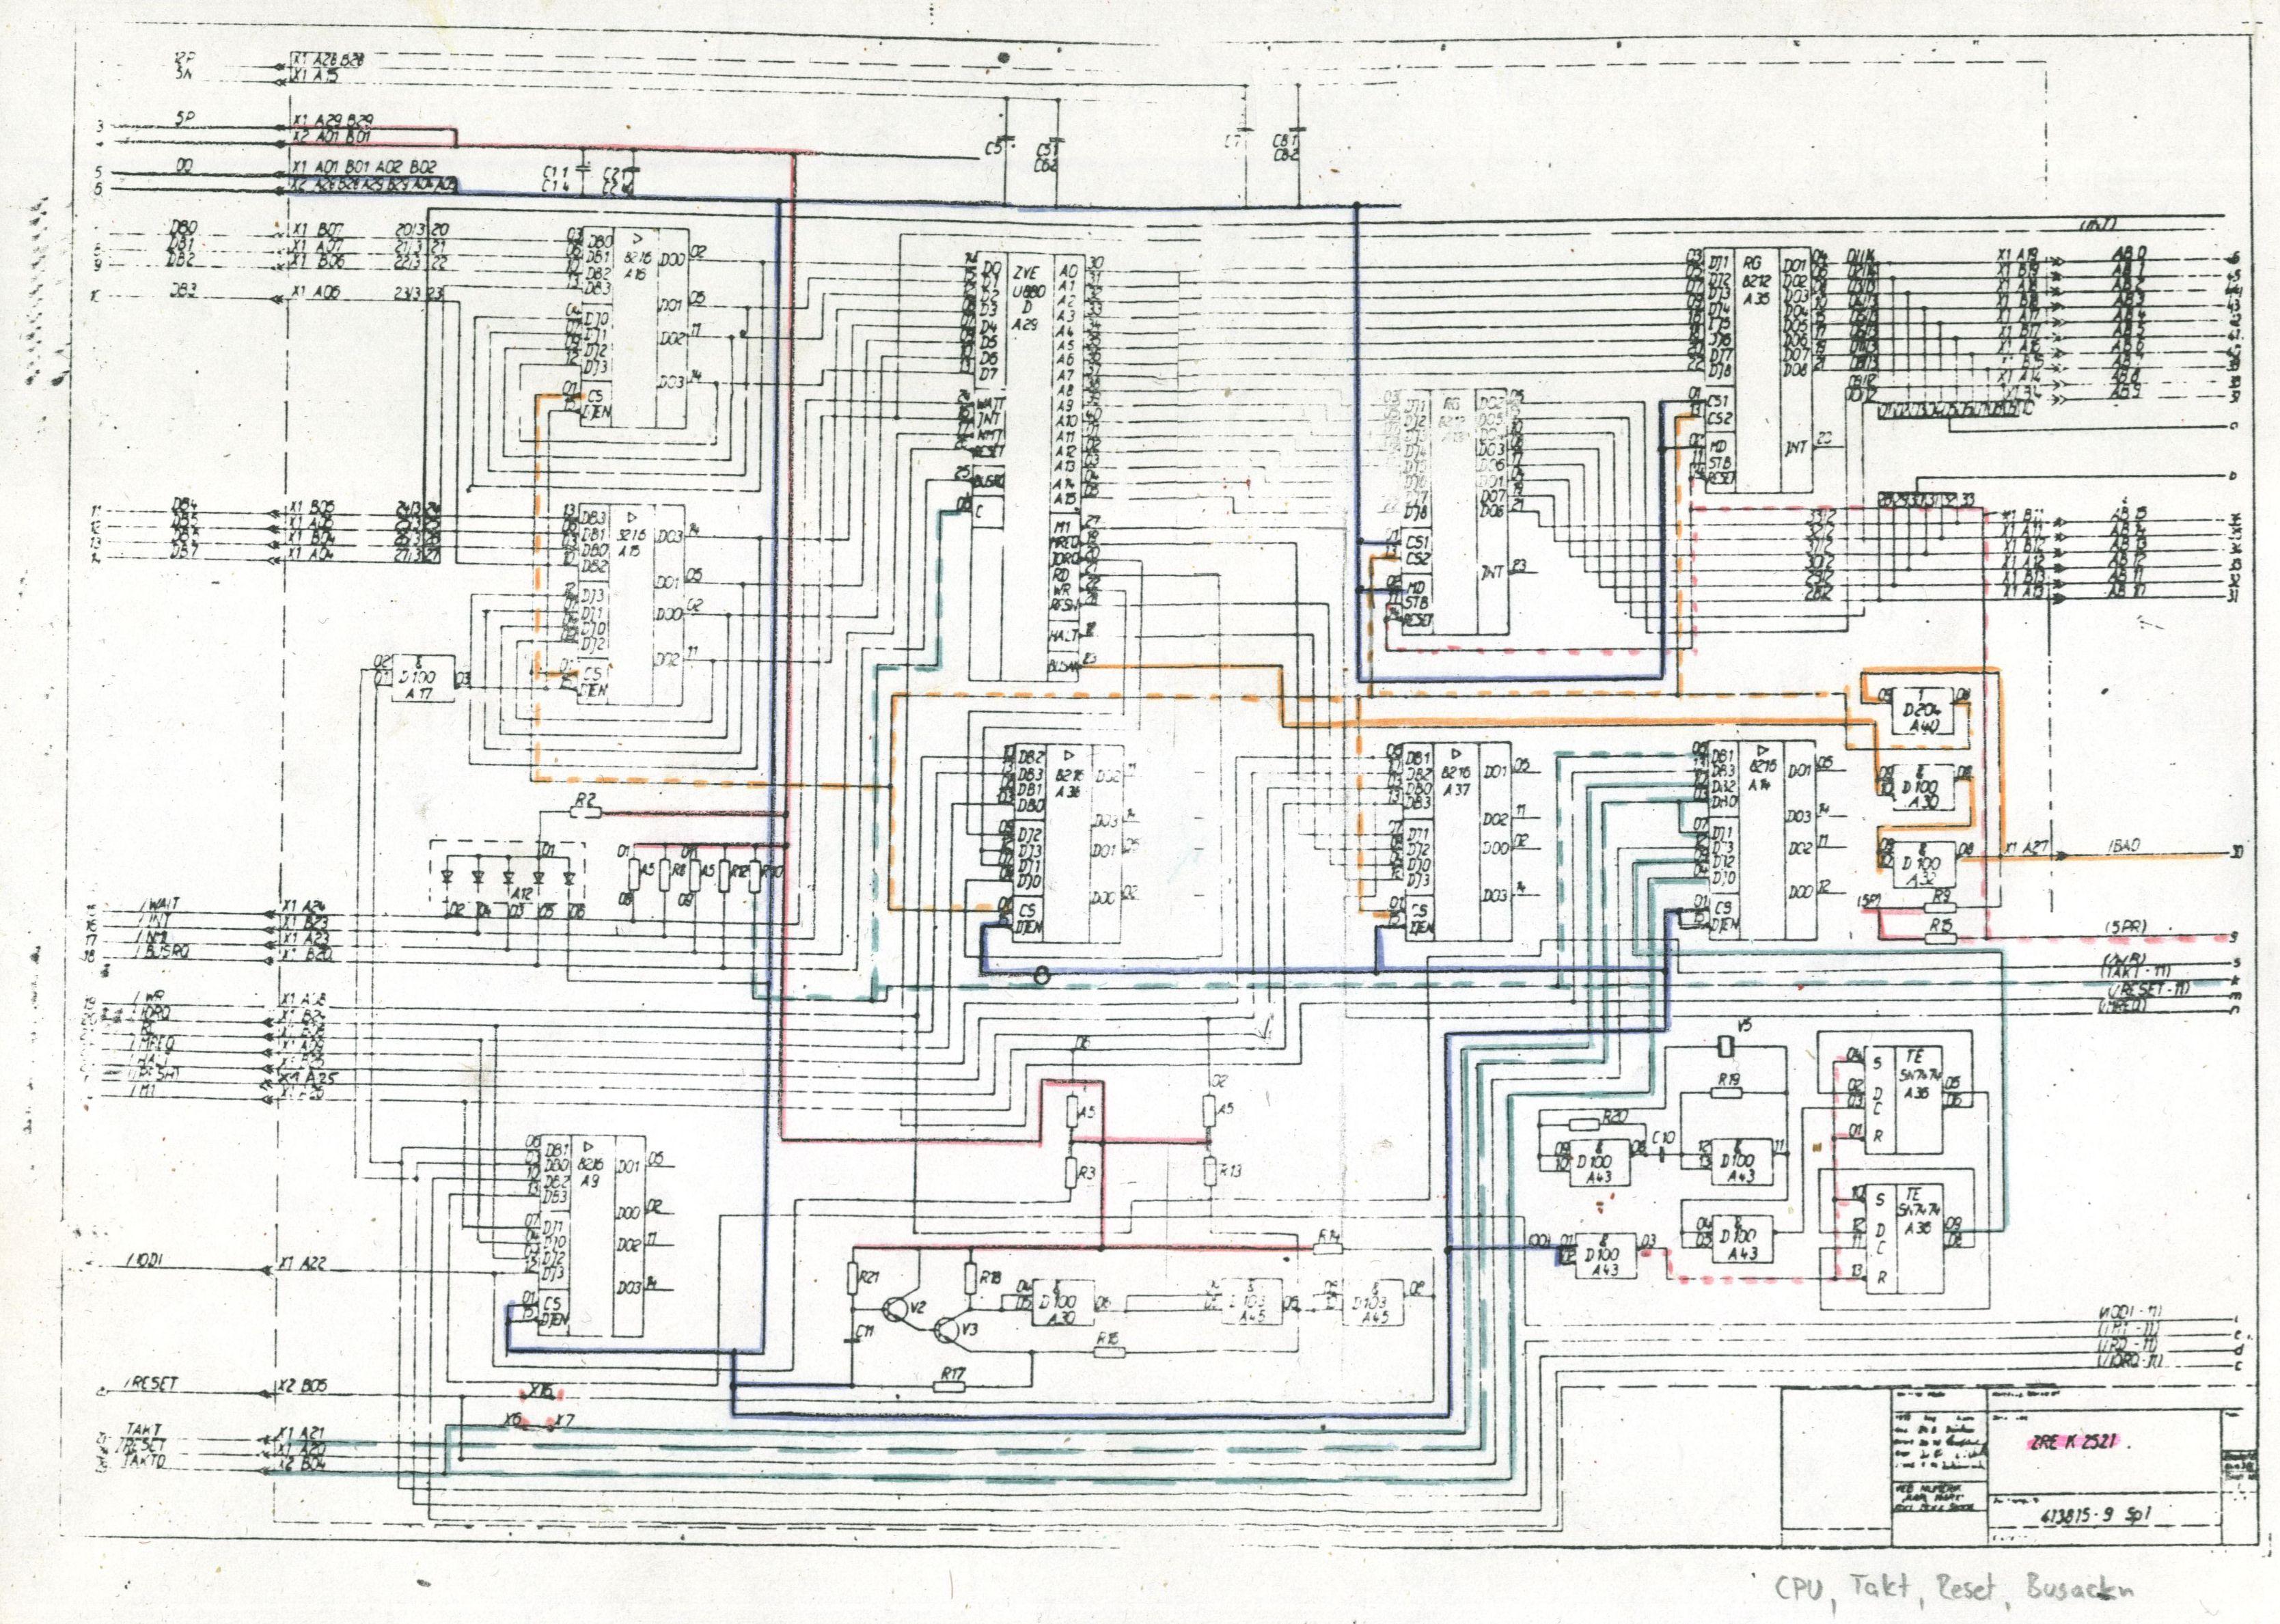 Wunderbar Cpu Verbindungen Diagramm Bilder - Schaltplan Serie ...